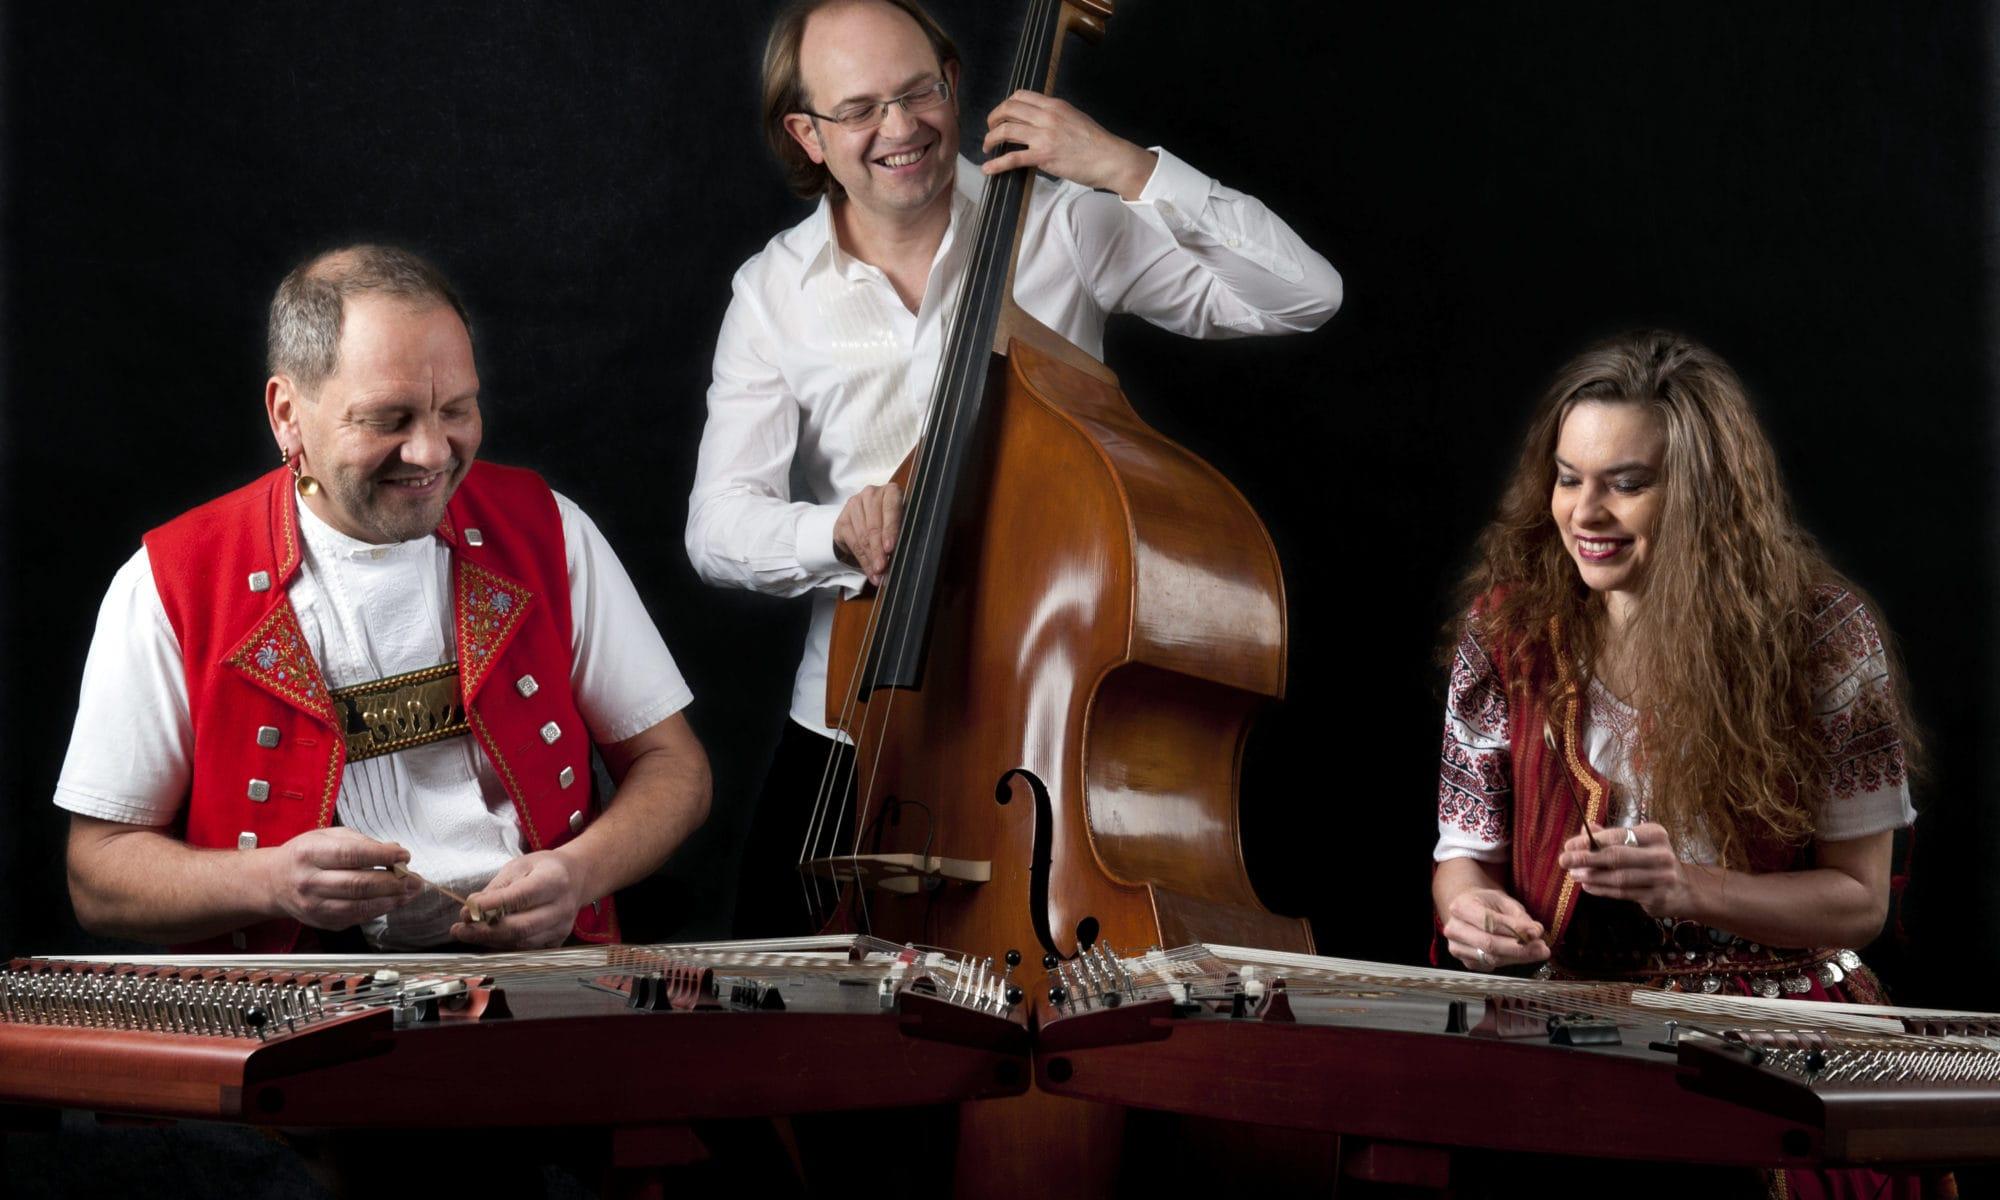 2 Trio Anderscht in Aktion